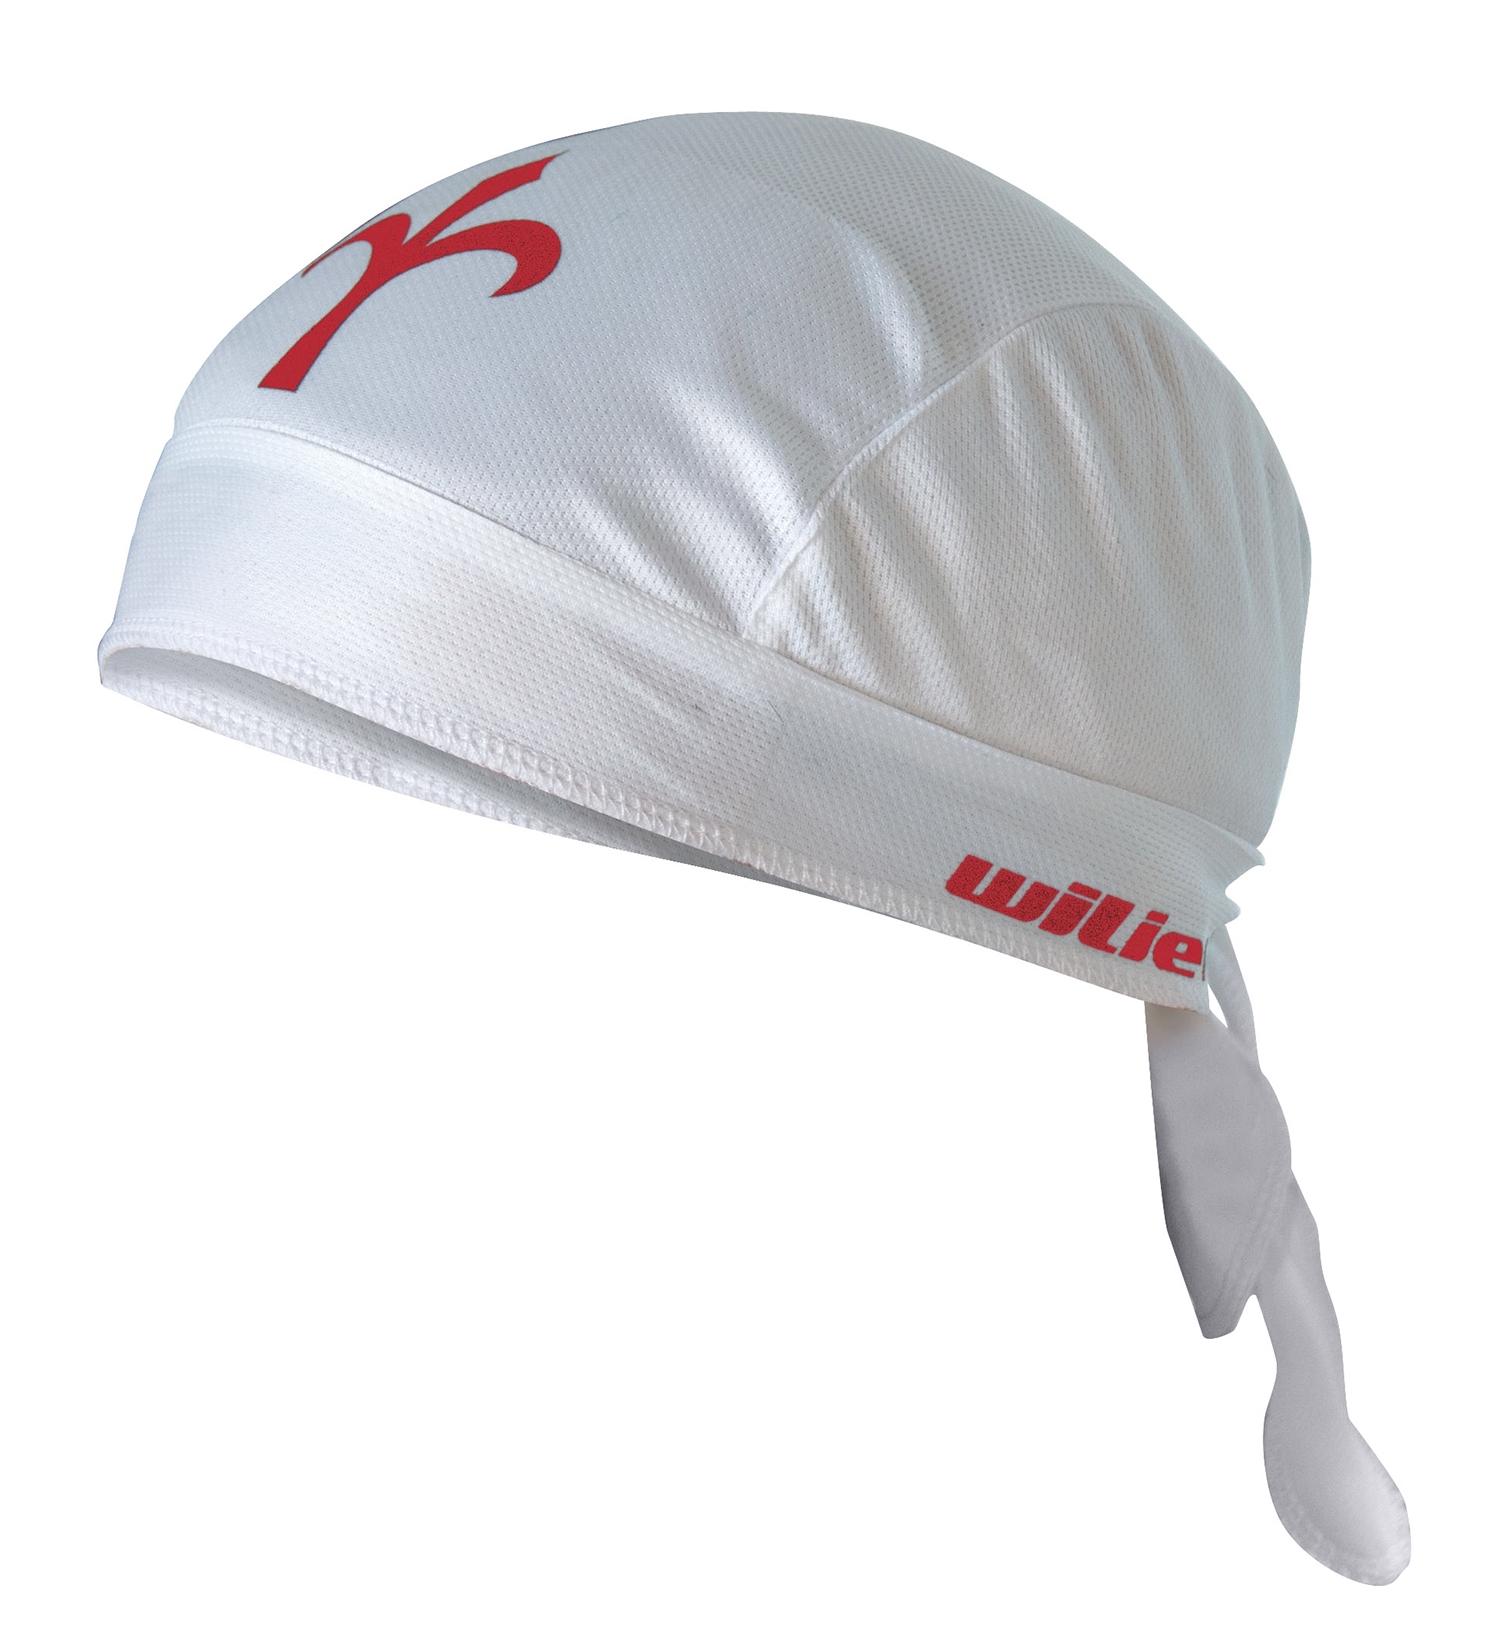 šátek na hlavu WILIER, bílý uni velikost